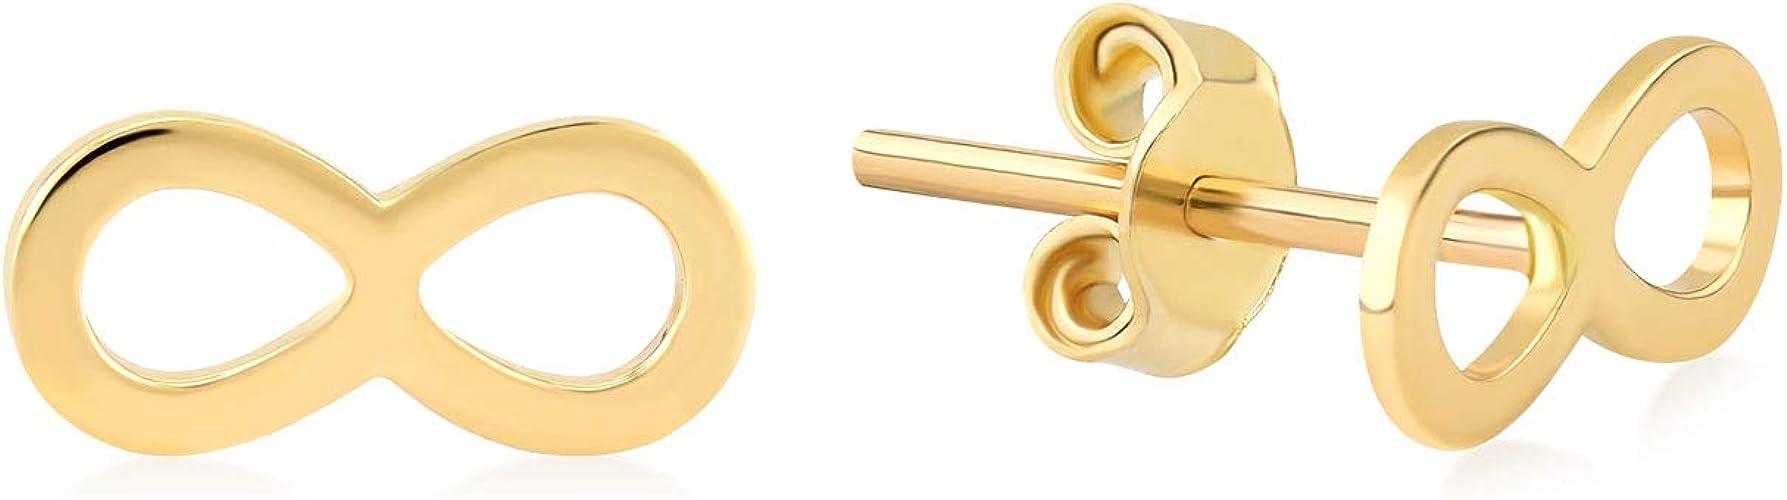 4mm metal redonda con cuentas-Color Oro 100 para £ 1.10